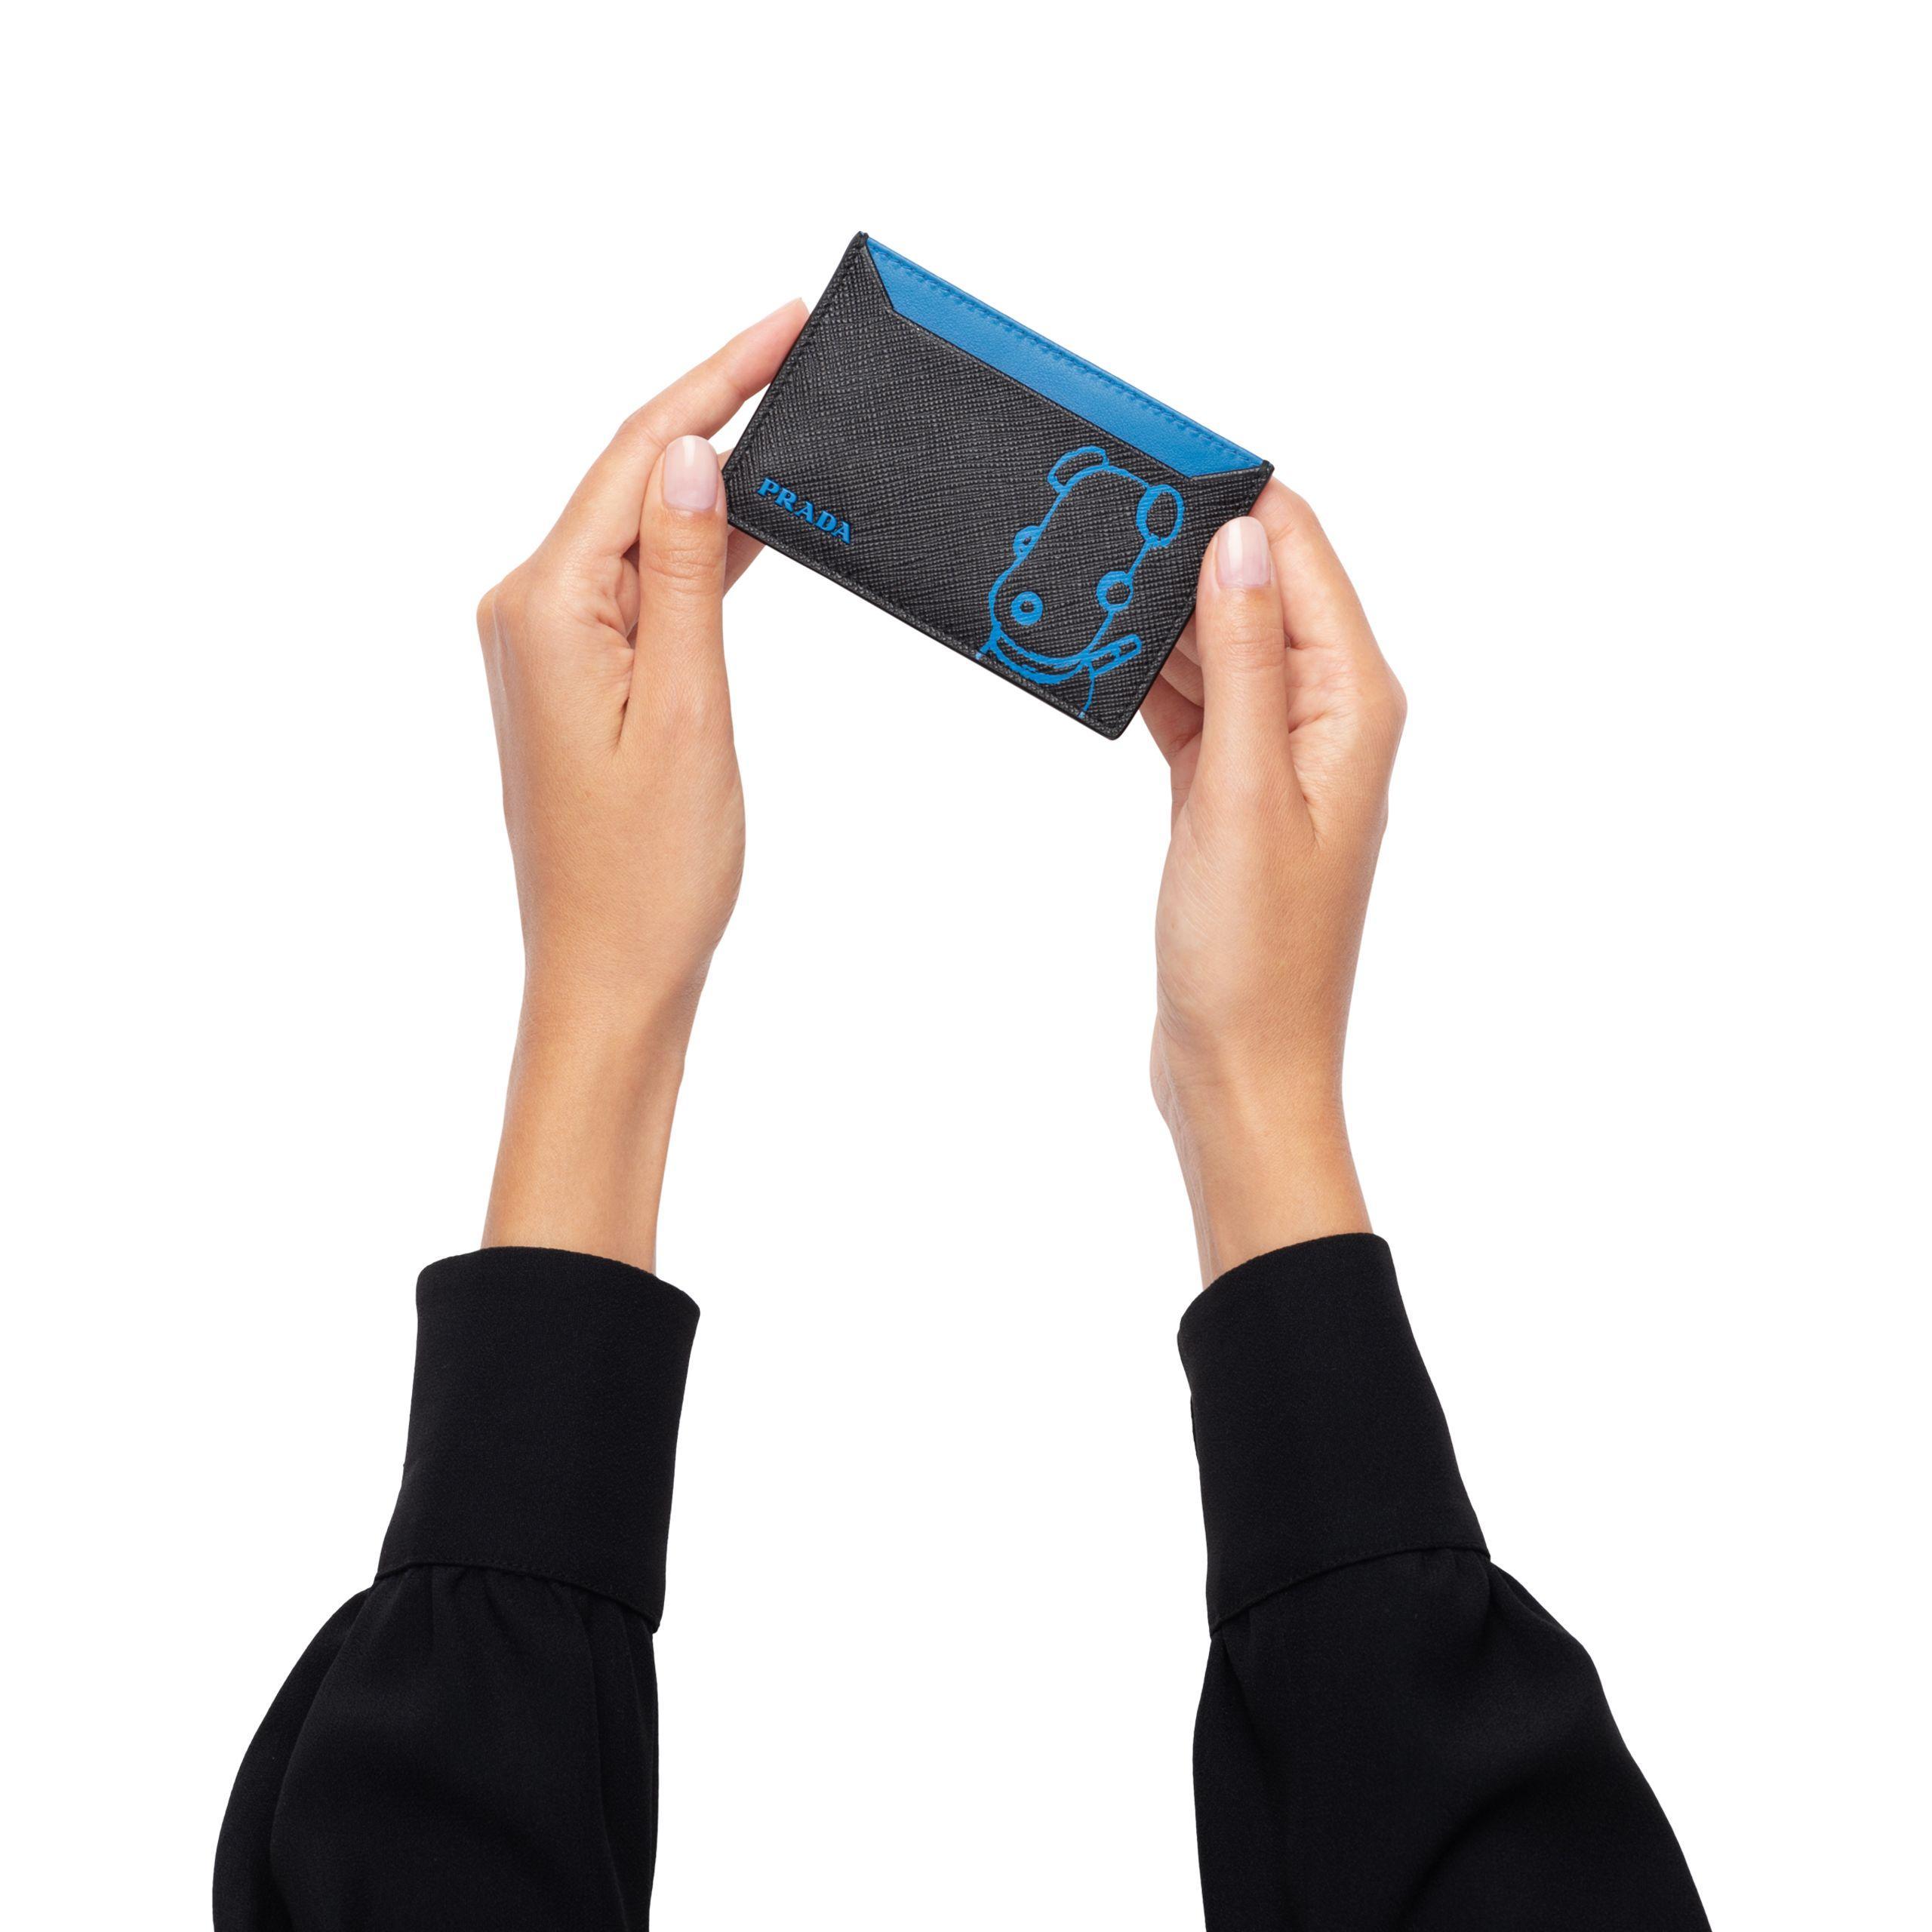 4deeebb43b88 Prada - Blue Malia Saffiano Leather Card Holder - Lyst. View fullscreen